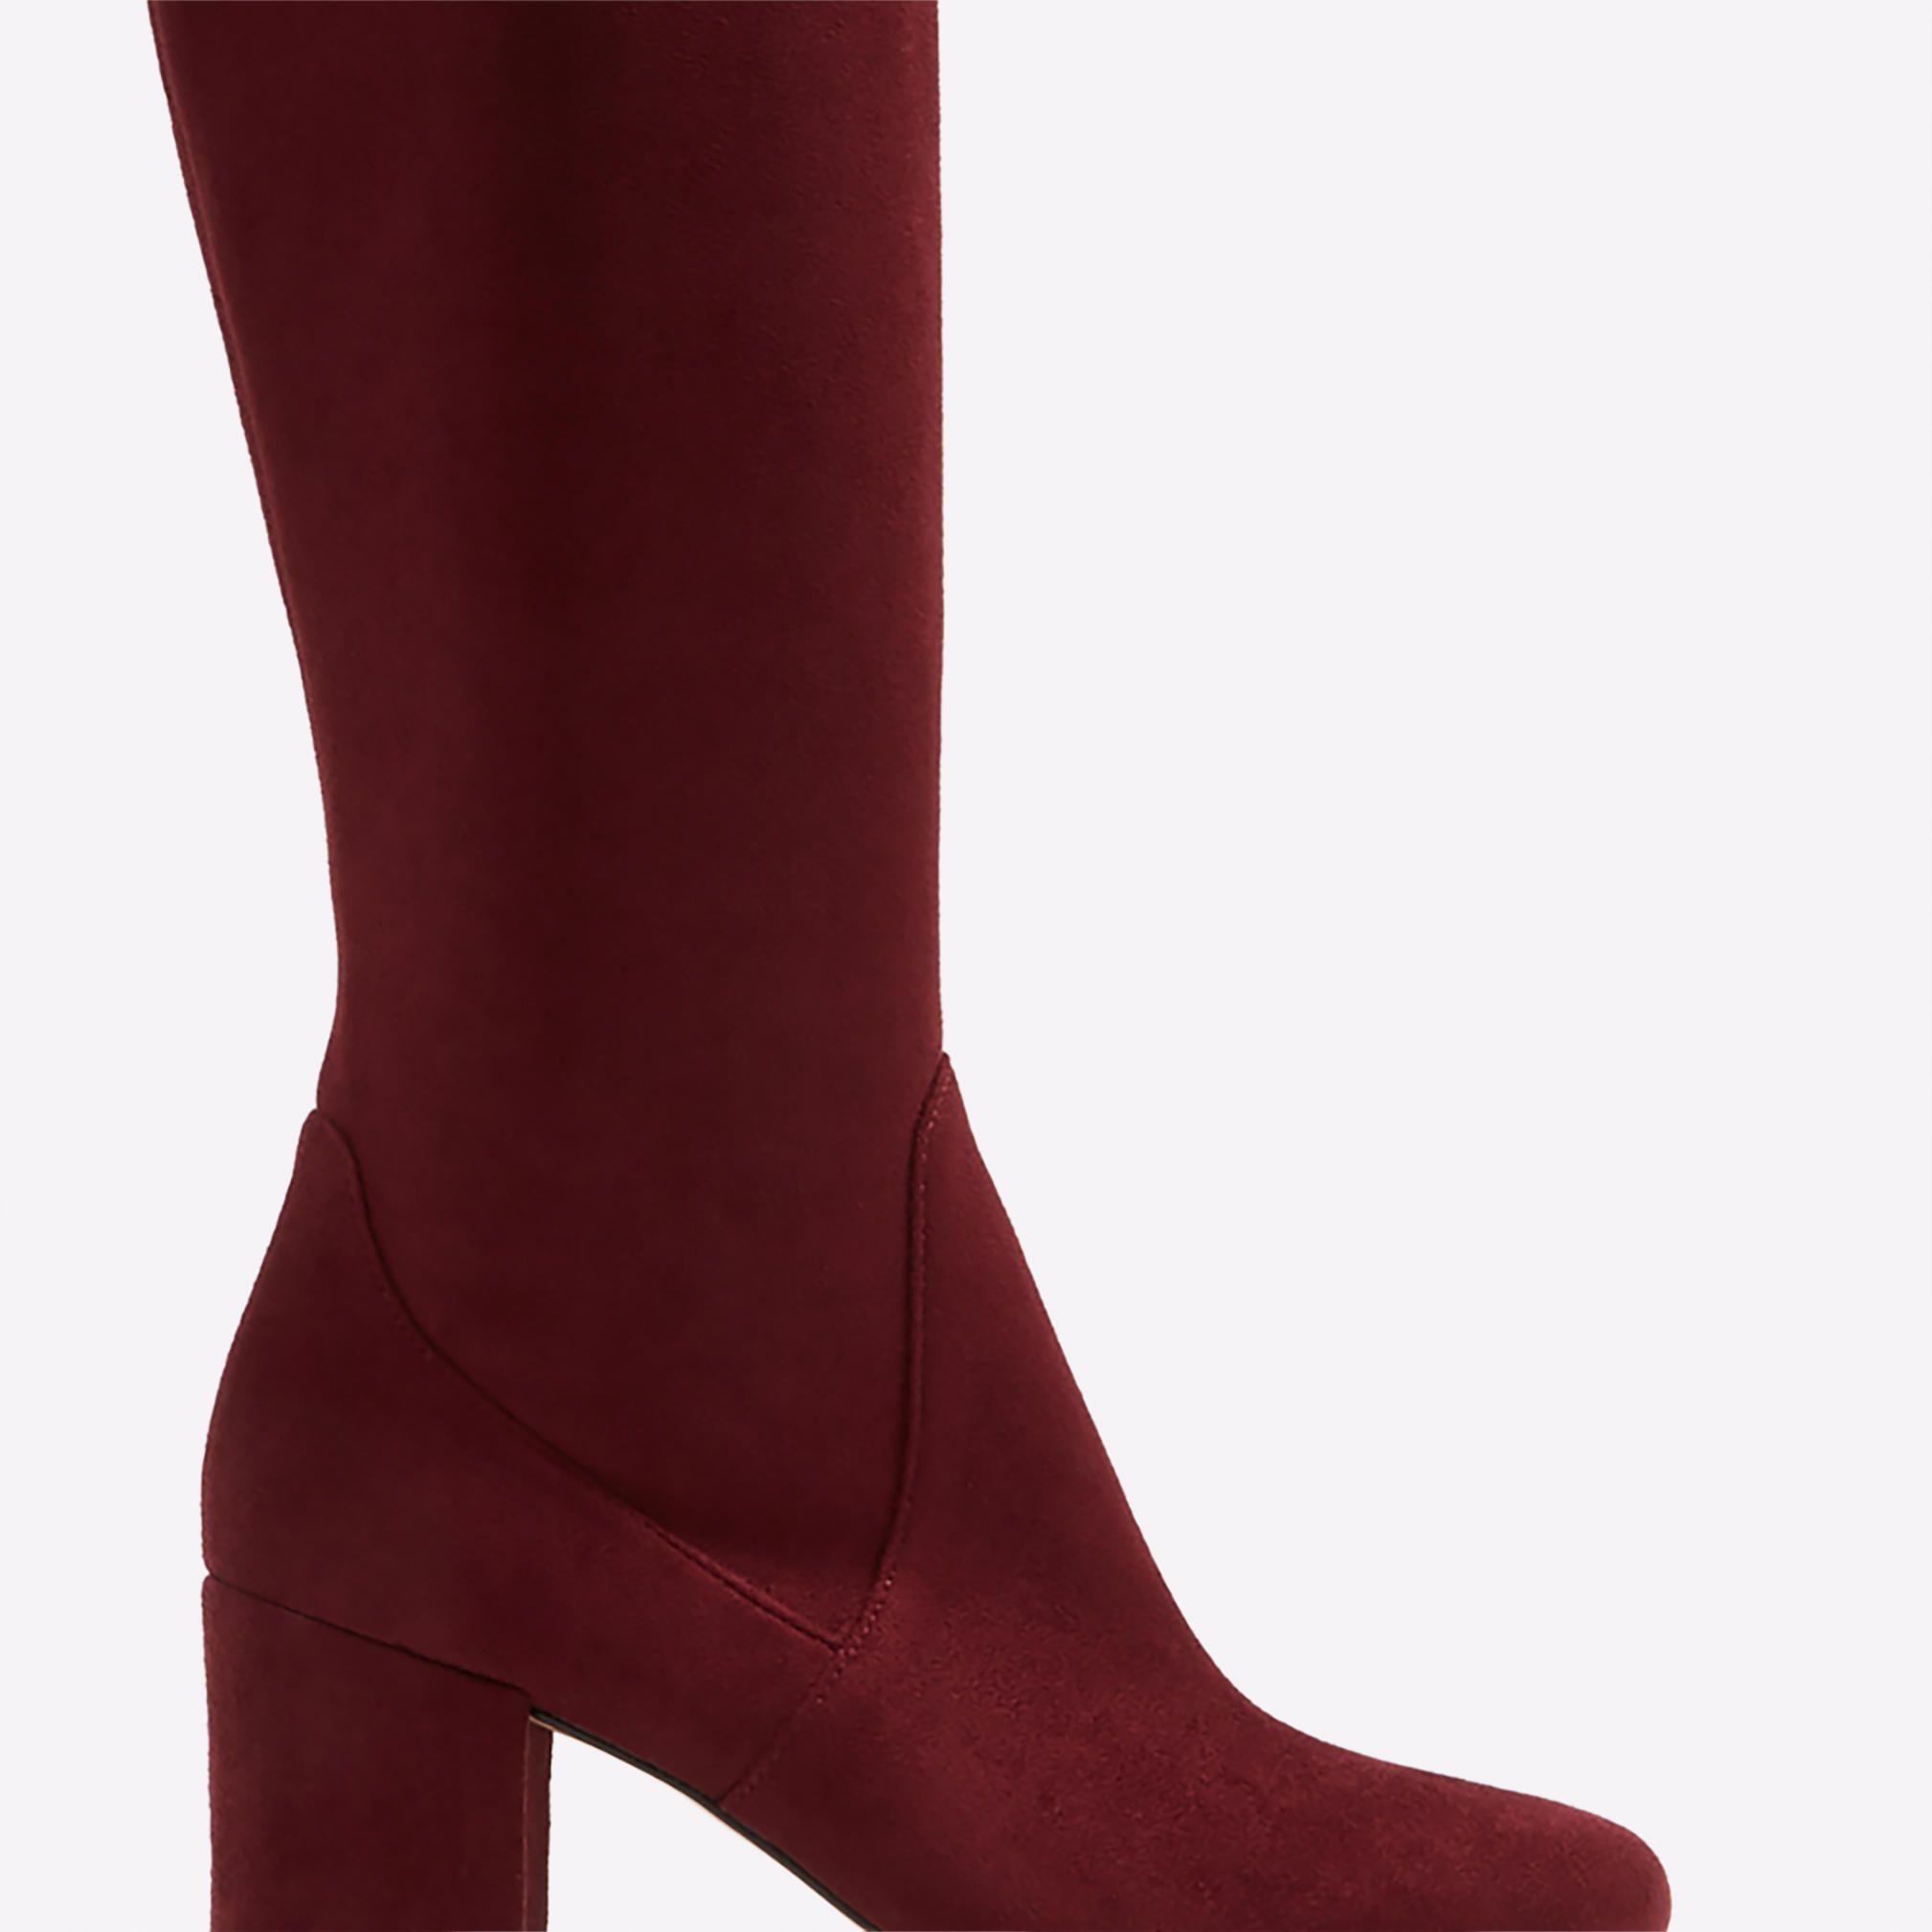 0314b041975 Adawen Bordeaux Women's Boots (current page) By sarahminnix - - #AldoShoes # Bordeaux